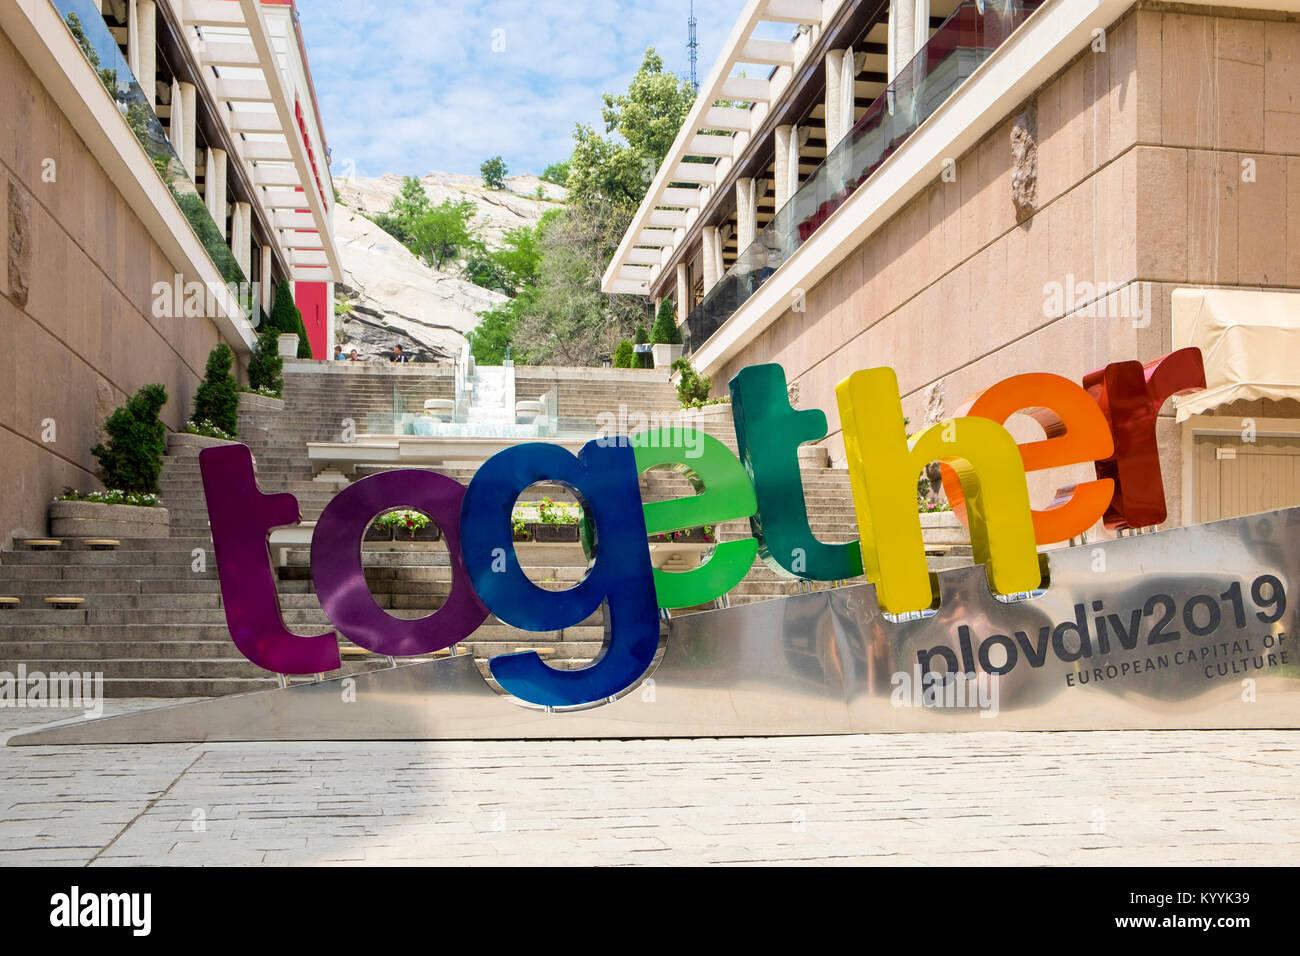 Europäische Kulturhauptstadt, 2019 in der Stadt Plovdiv, Plovdiv, Bulgarien, Europa Stockbild